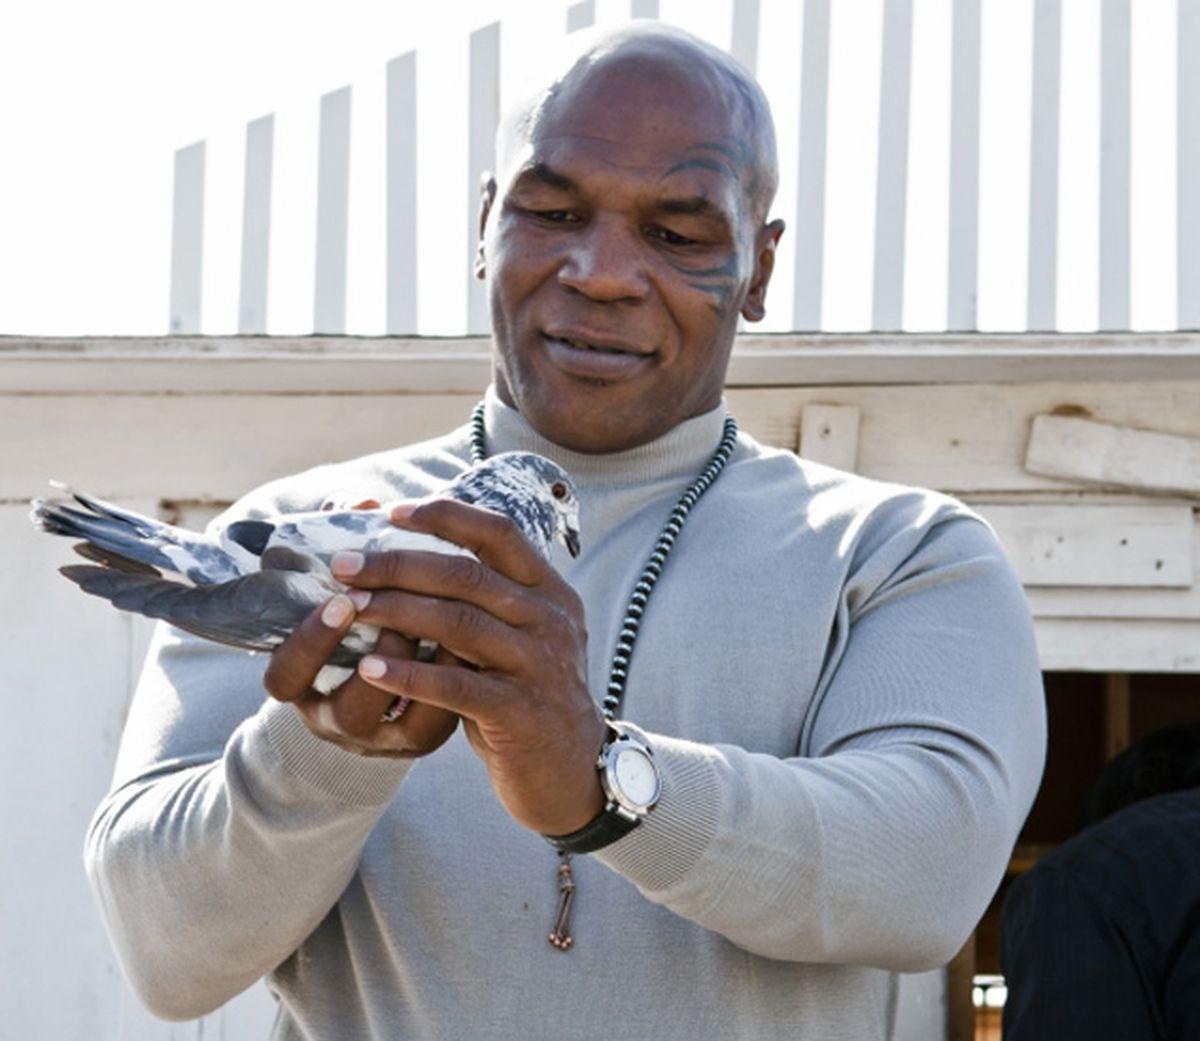 Tyson pigeon